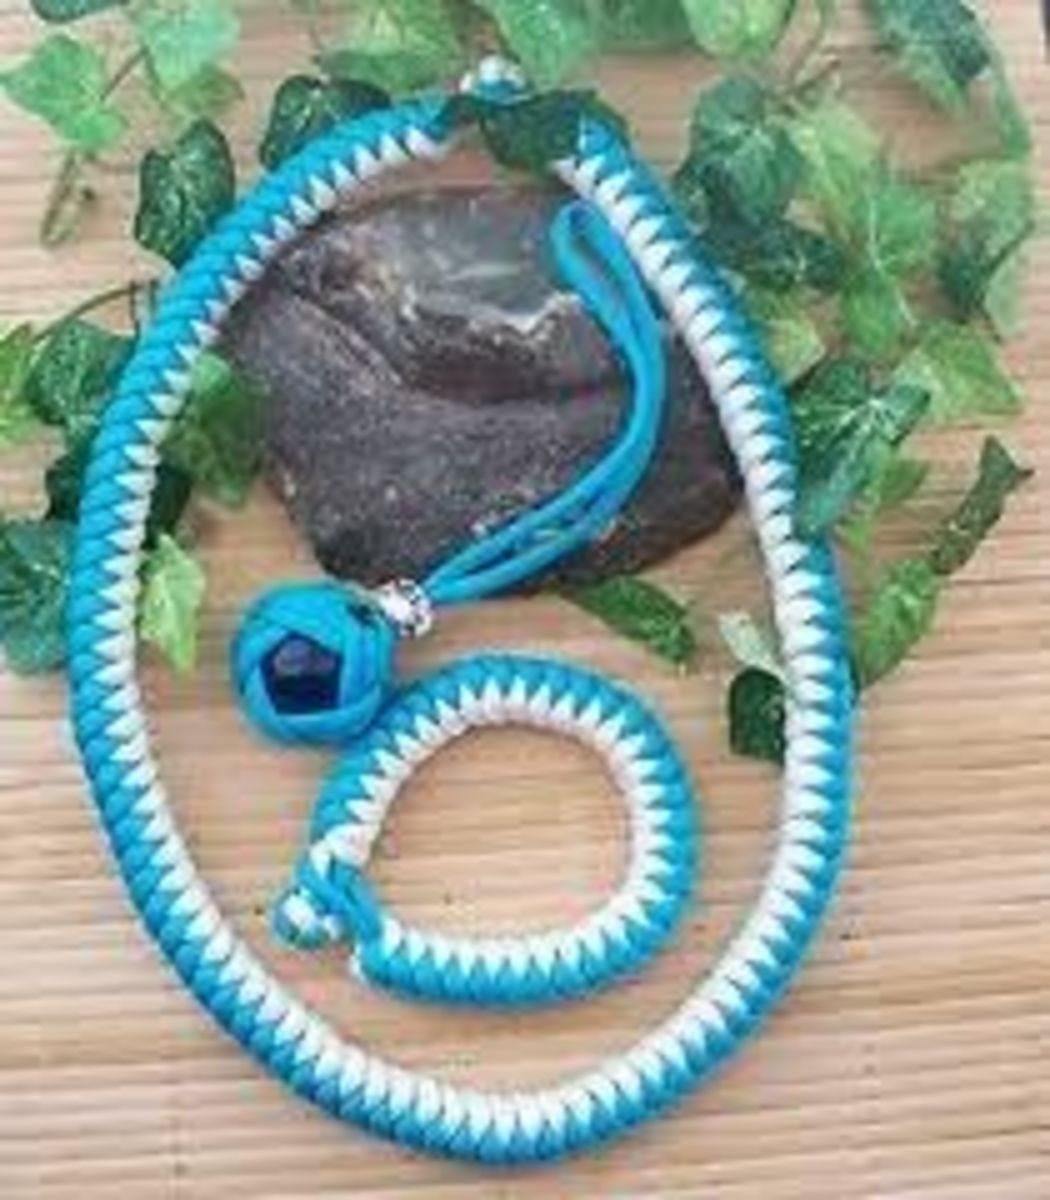 snake-weave-dog-leash